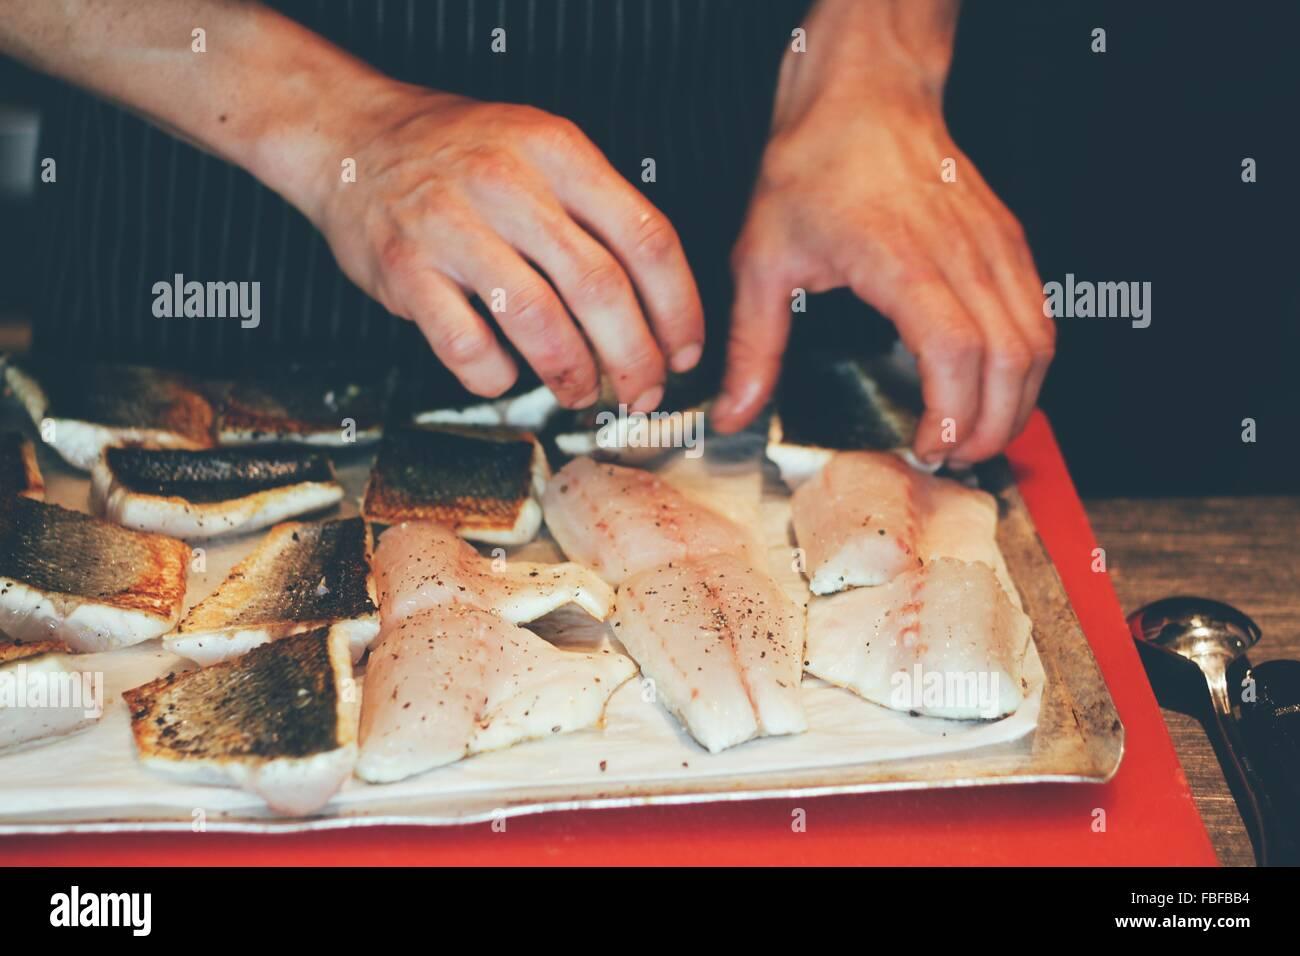 Recortada de manos del chef con carne de pescado en cocina comercial Imagen De Stock